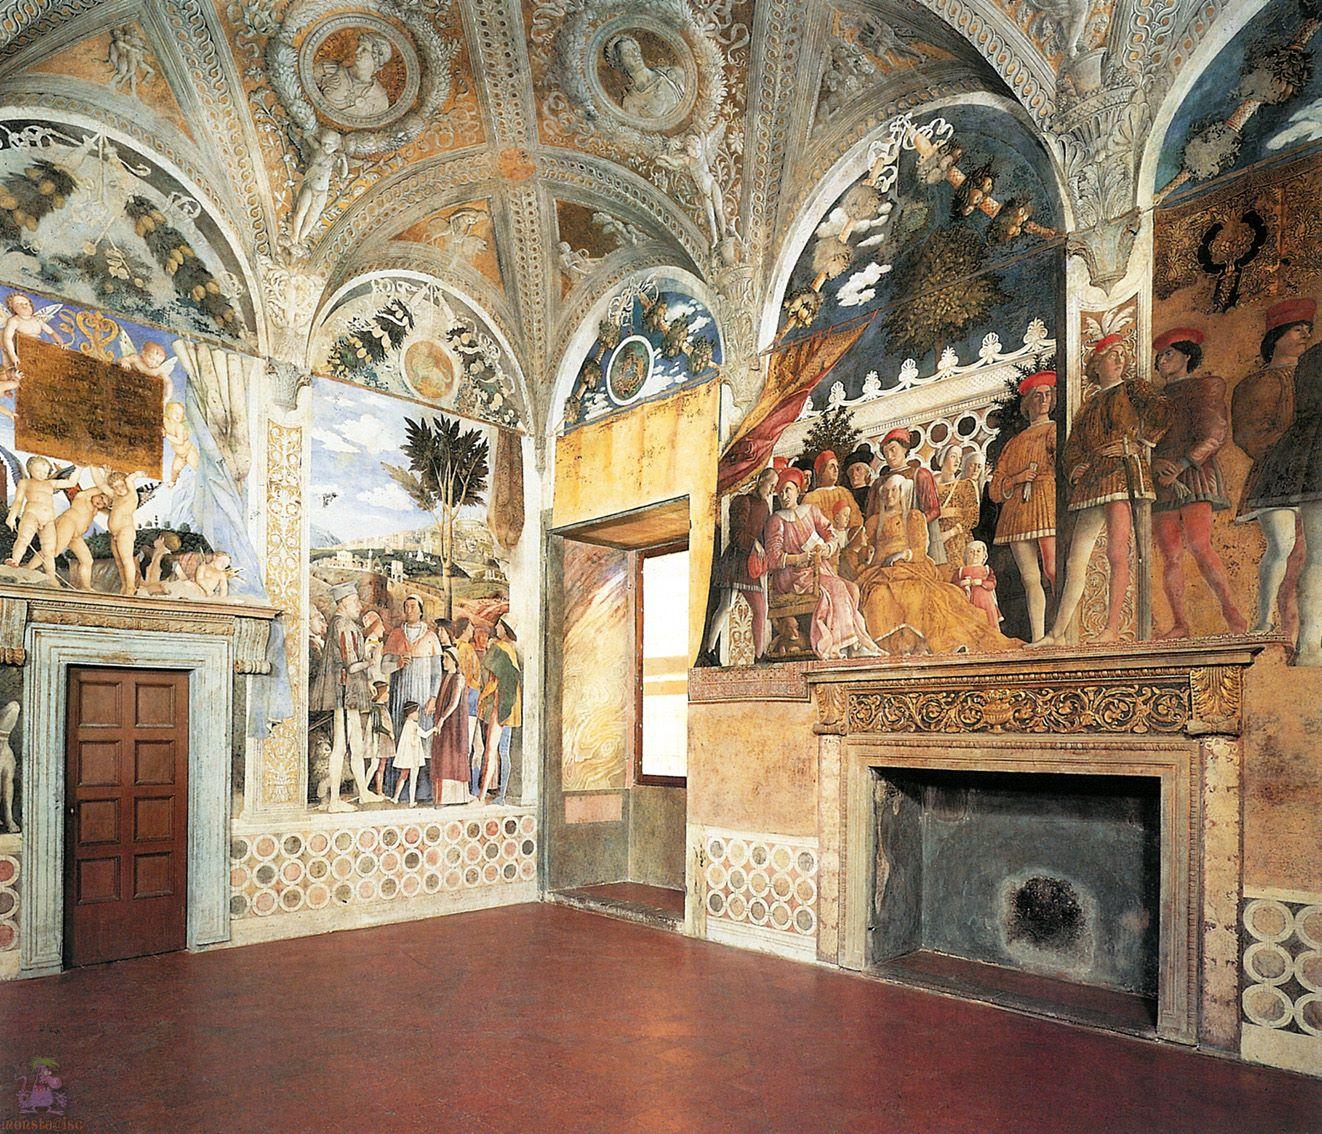 Immagini della camera degli sposi di andrea mantegna il for Mantova camera sposi